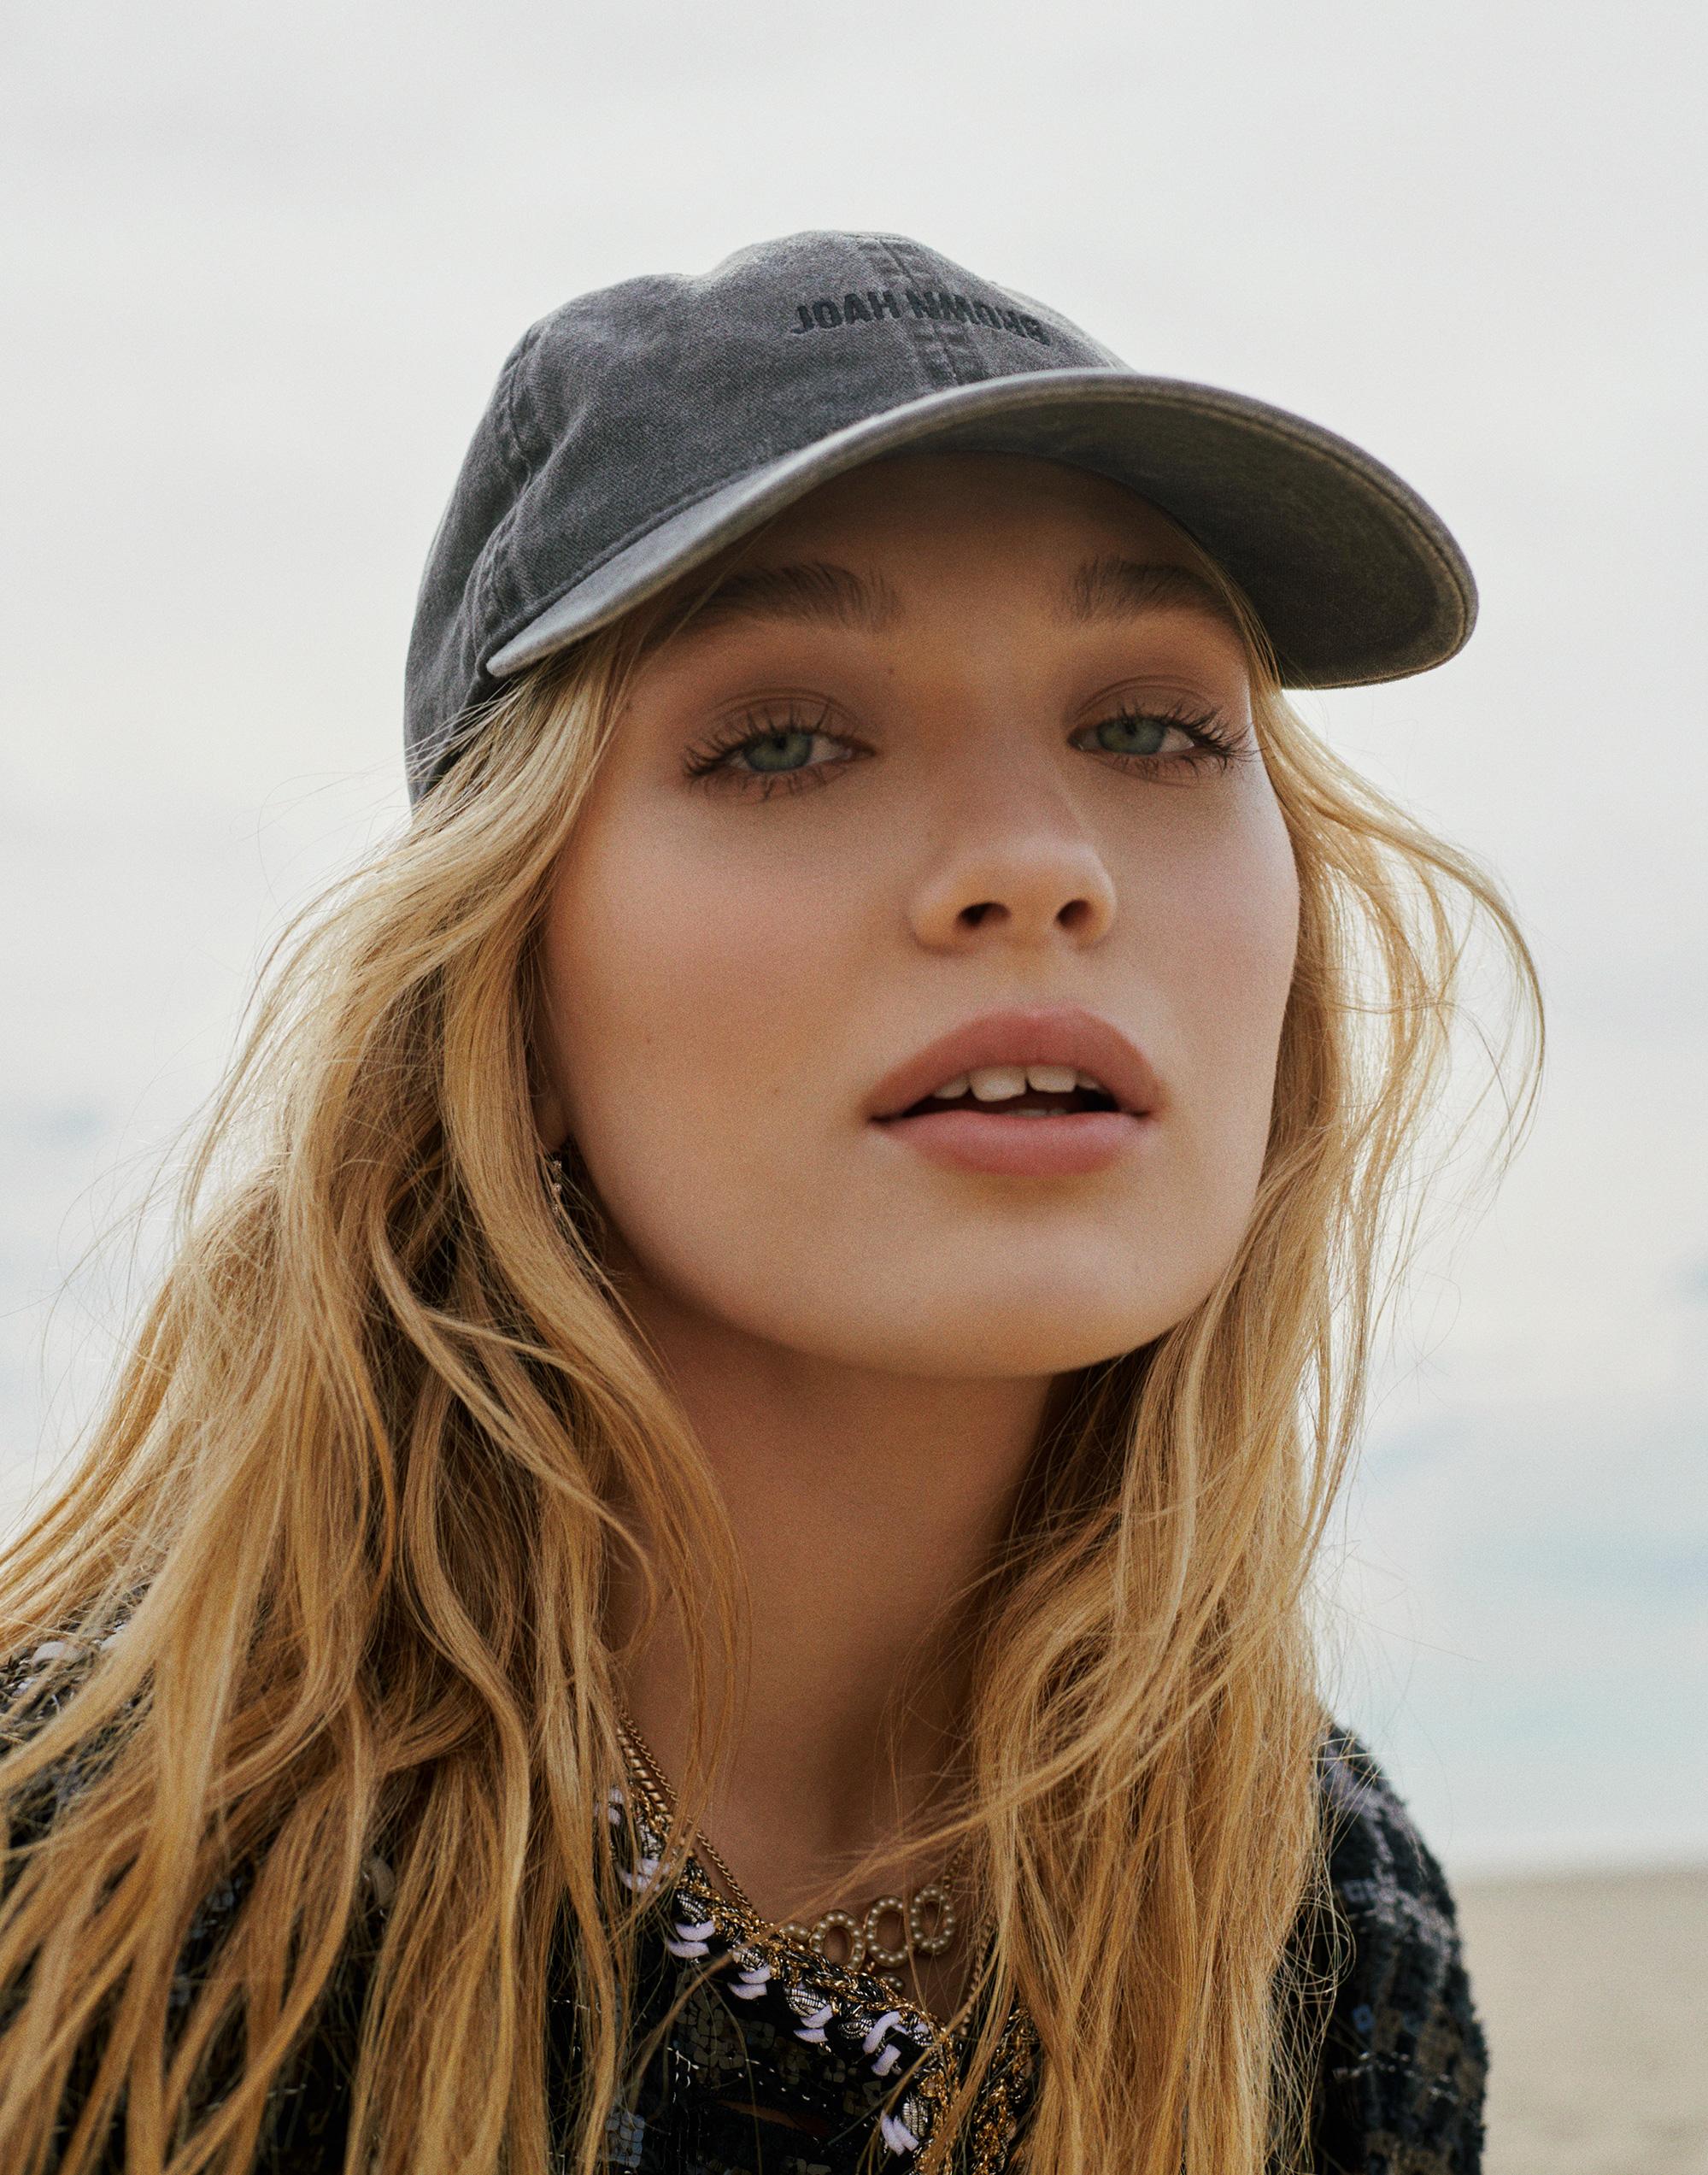 Ziegler model maddie Maddie Ziegler's